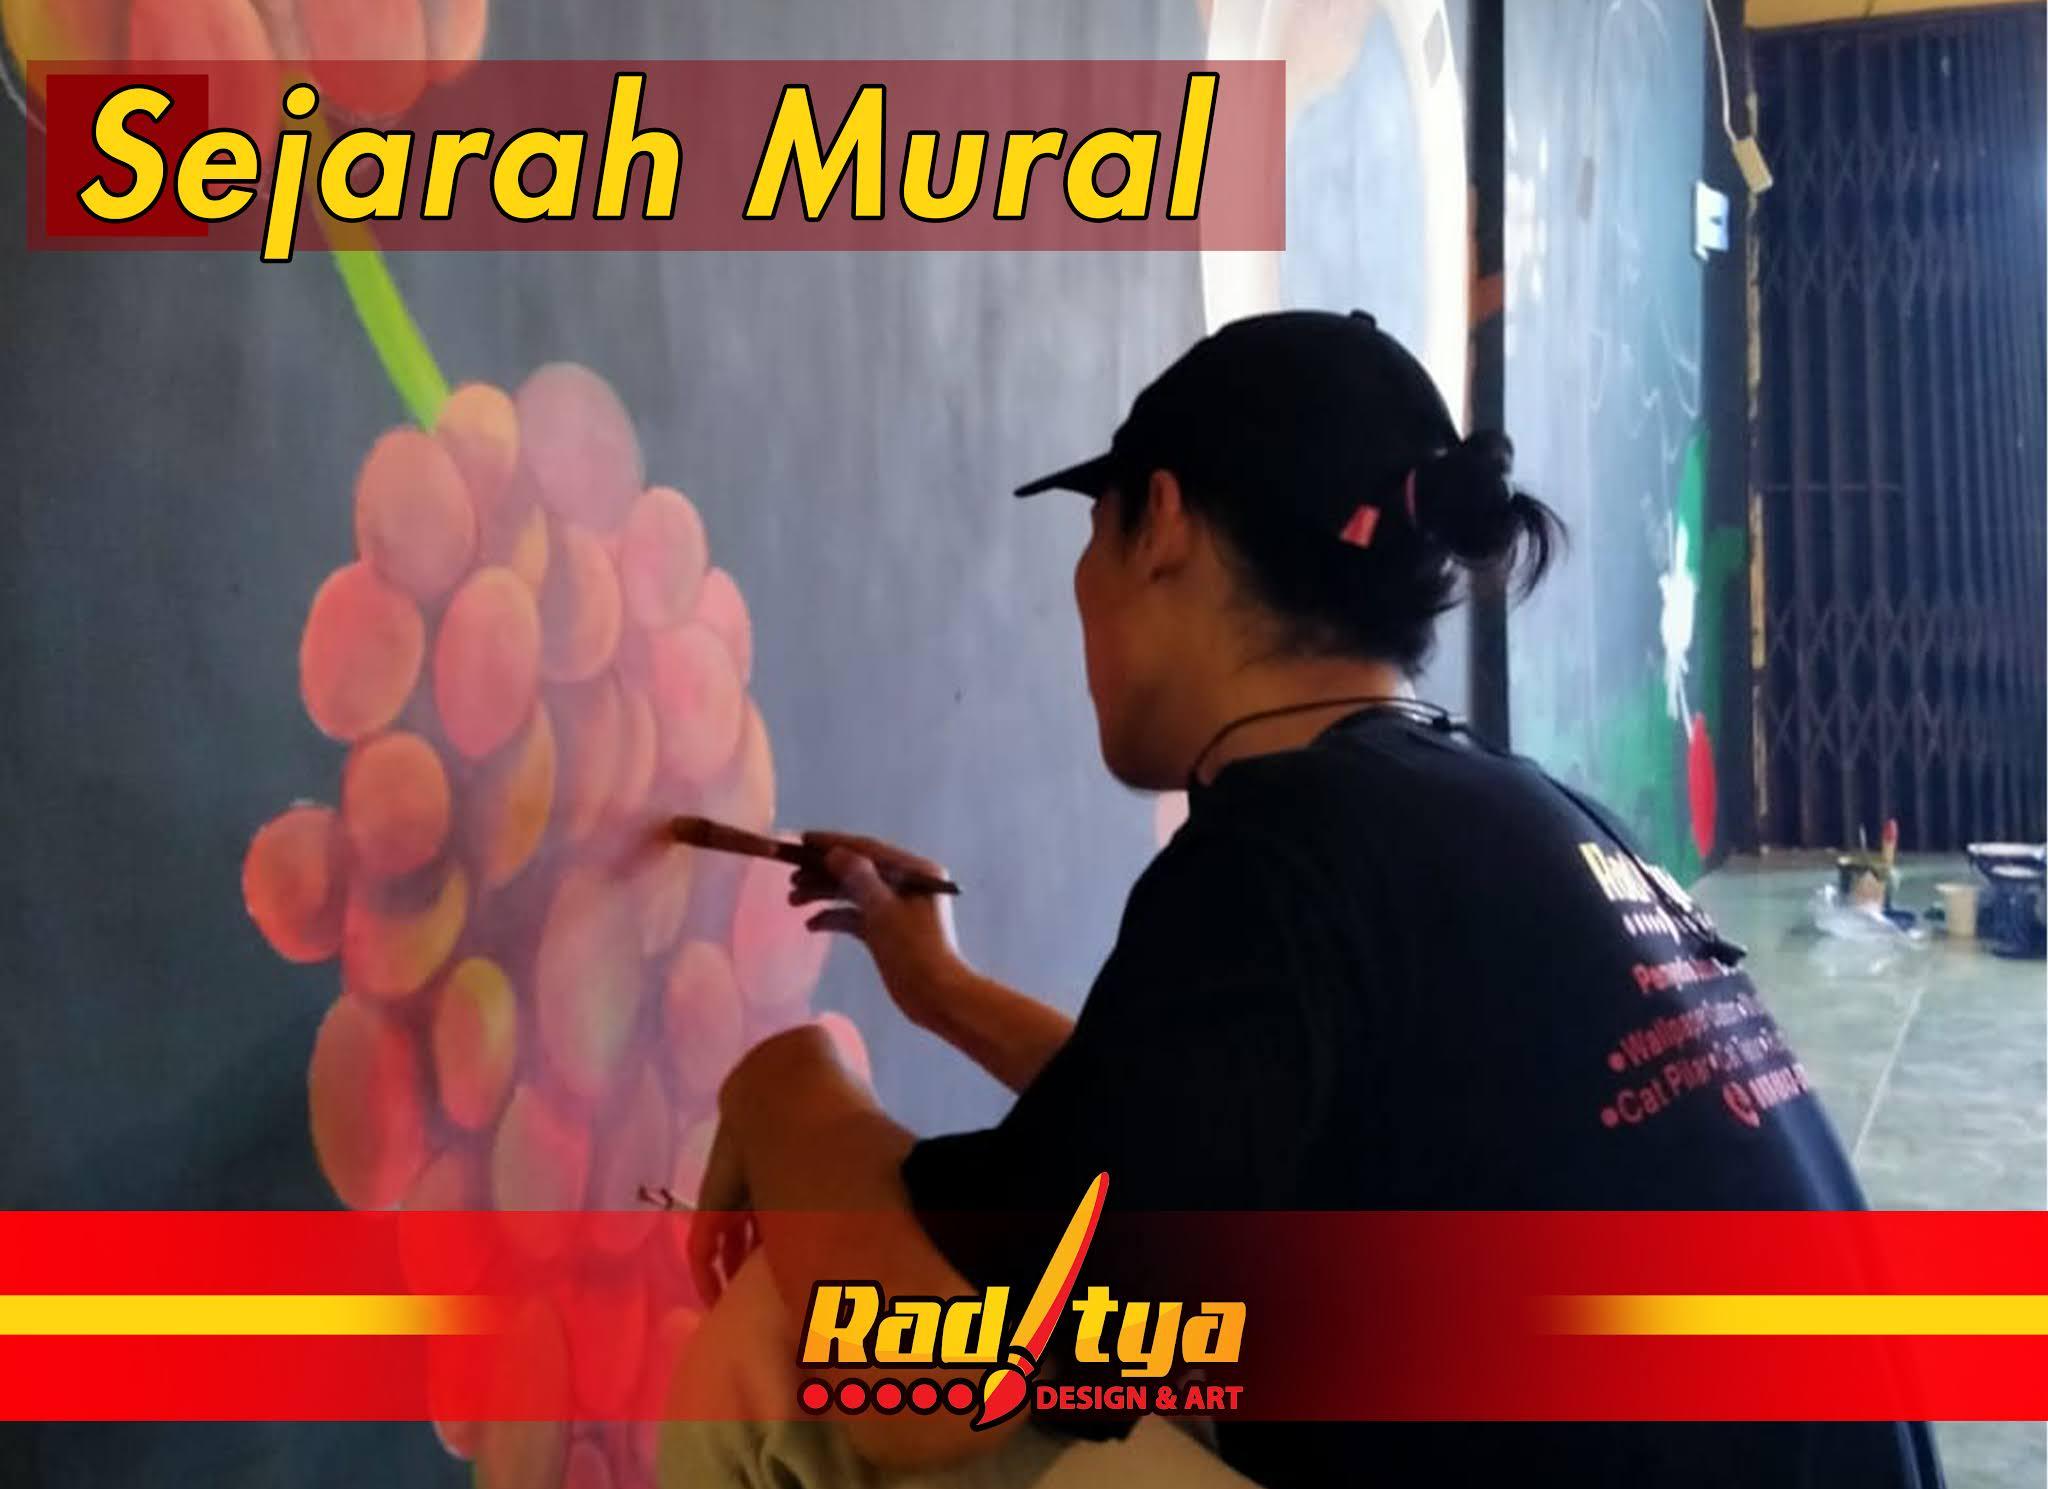 Sejarah Mural